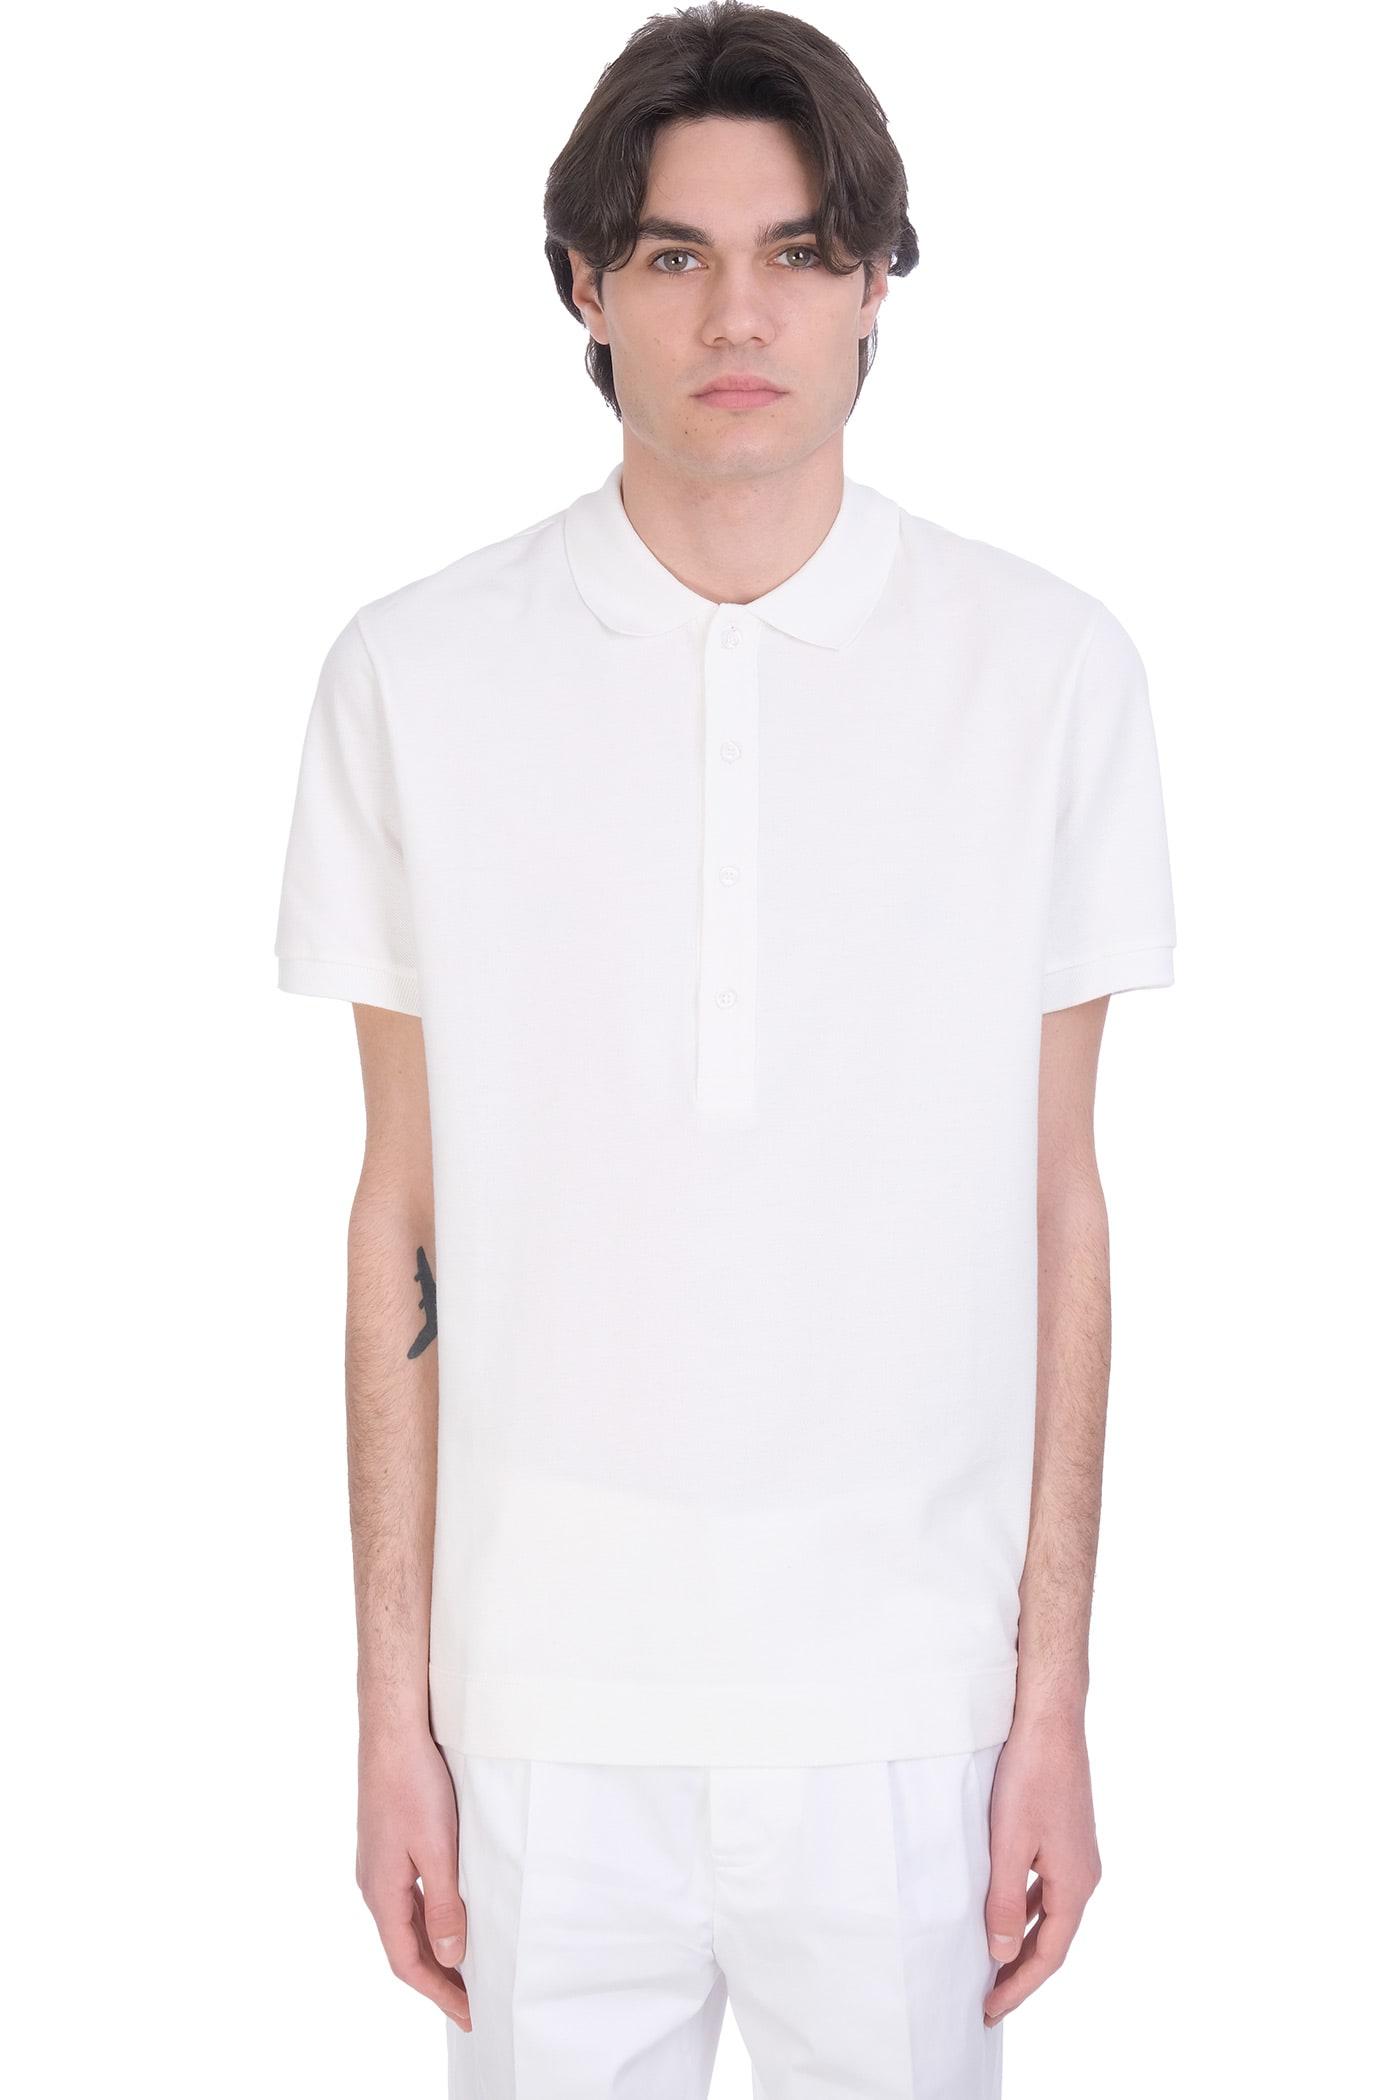 Polo In White Cotton